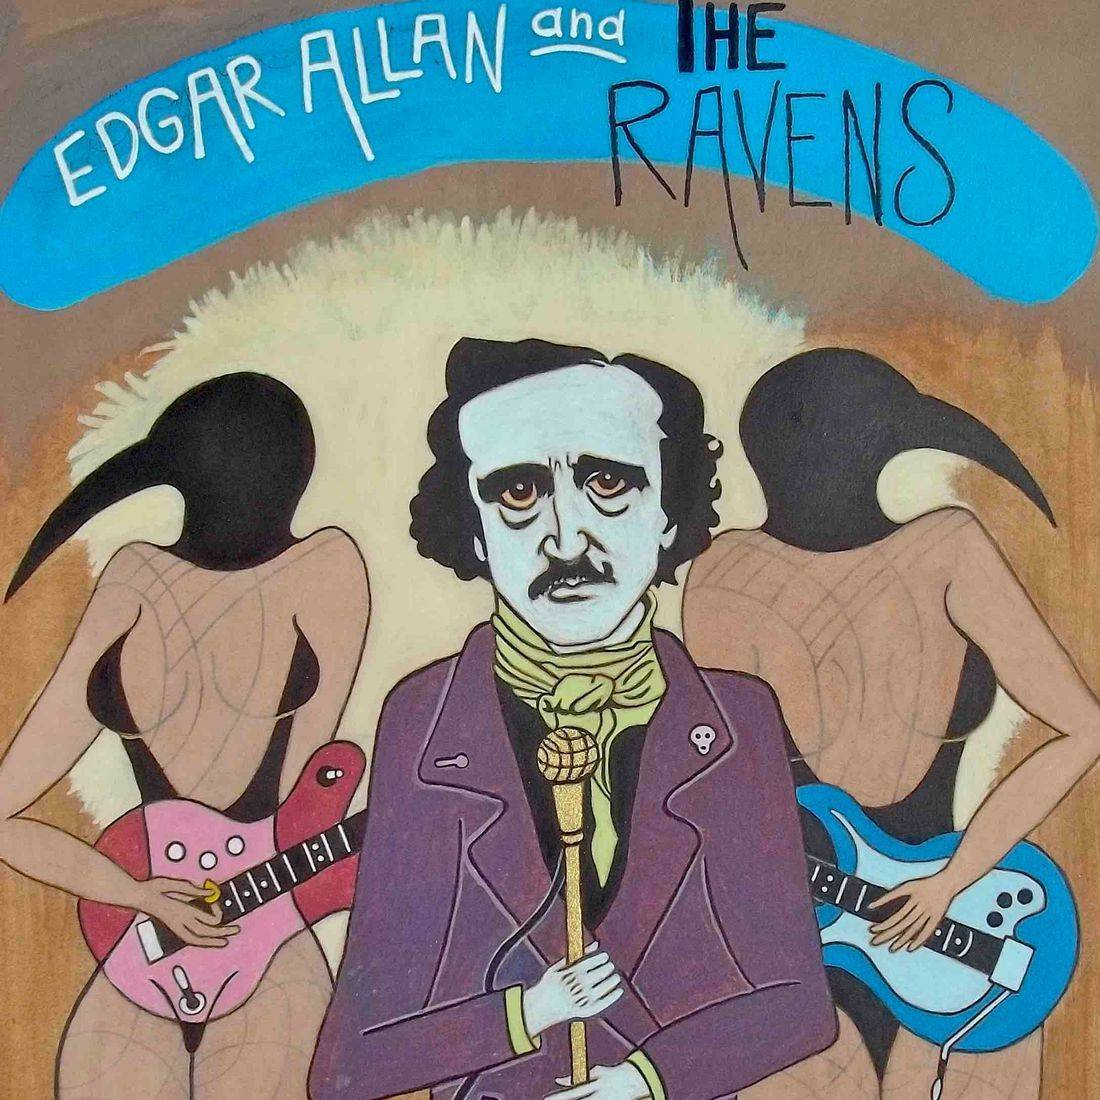 Edgar Allan Poe, Ravens, Musical Groups, Contemporary Art, Lizard Lounge, Electric Guitar, Pop Art